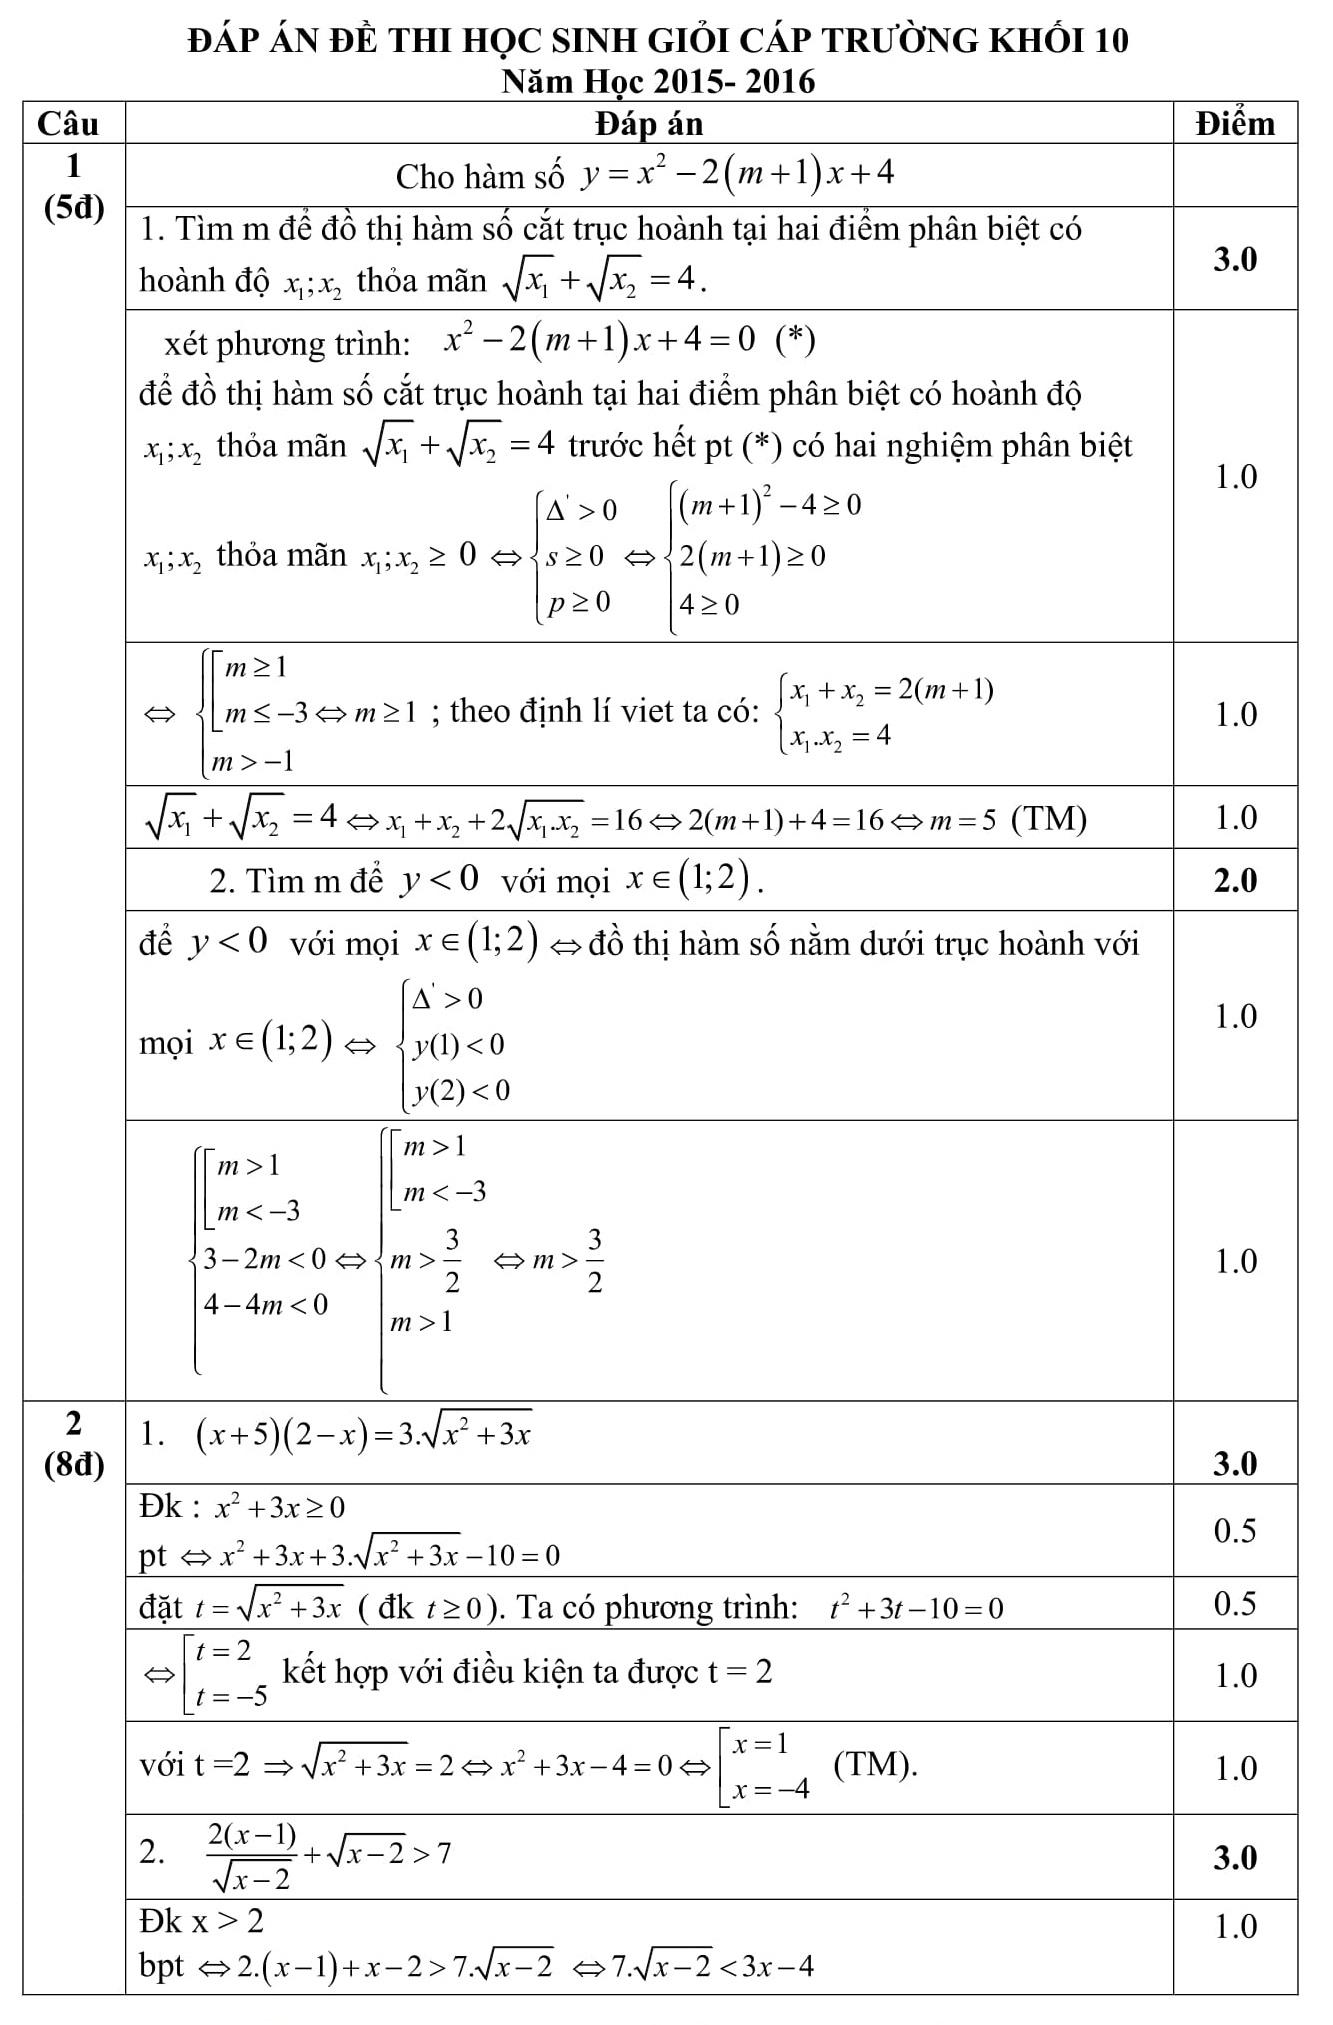 Đáp án và đề thi HSG toán 10 phòng GD&ĐT Thanh Hóa 2015-2016